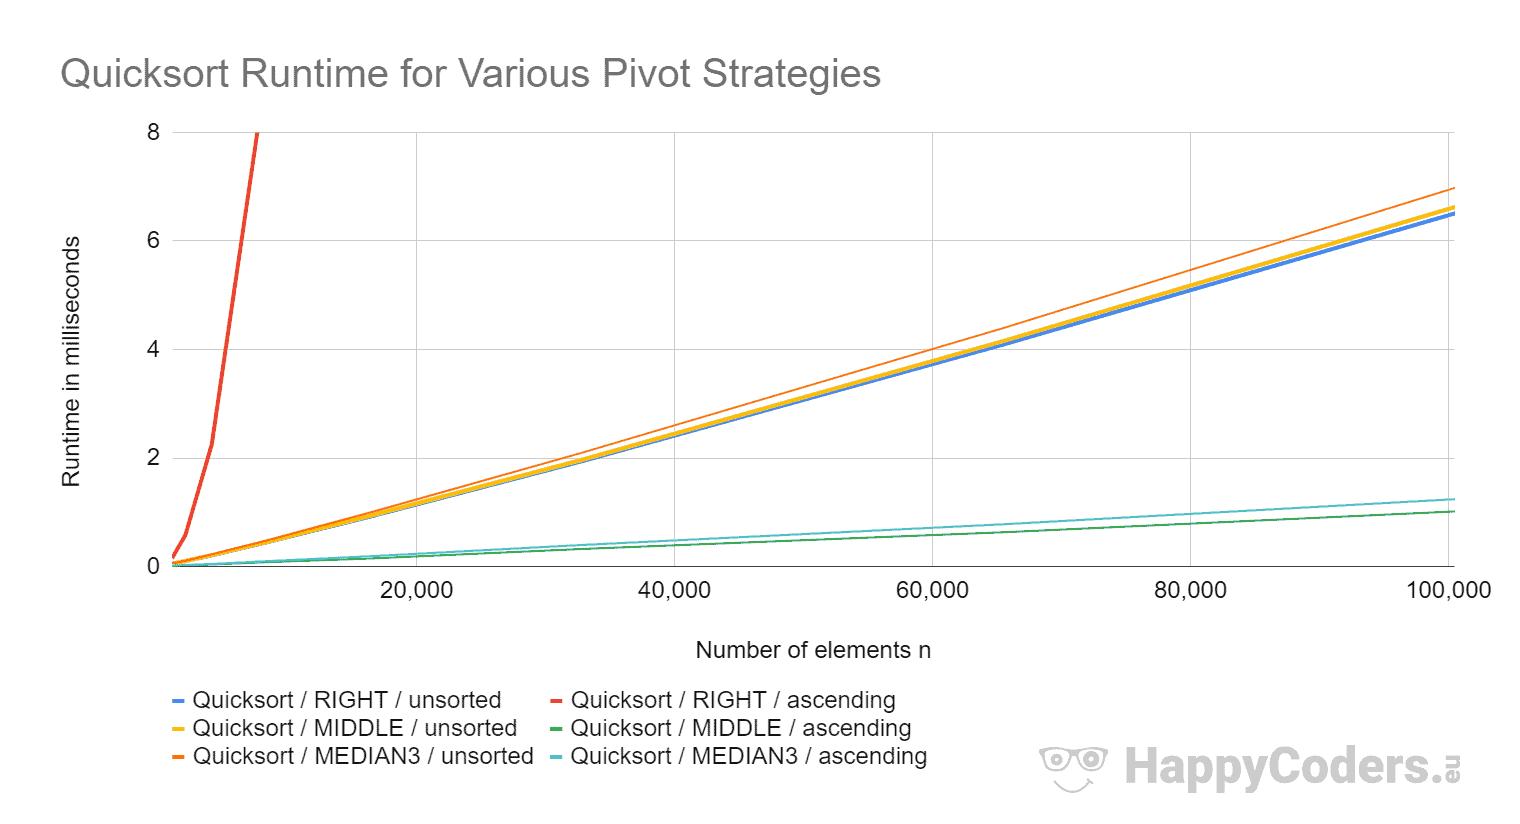 Quicksort-Laufzeit bei verschiedenen Pivot-Strategien